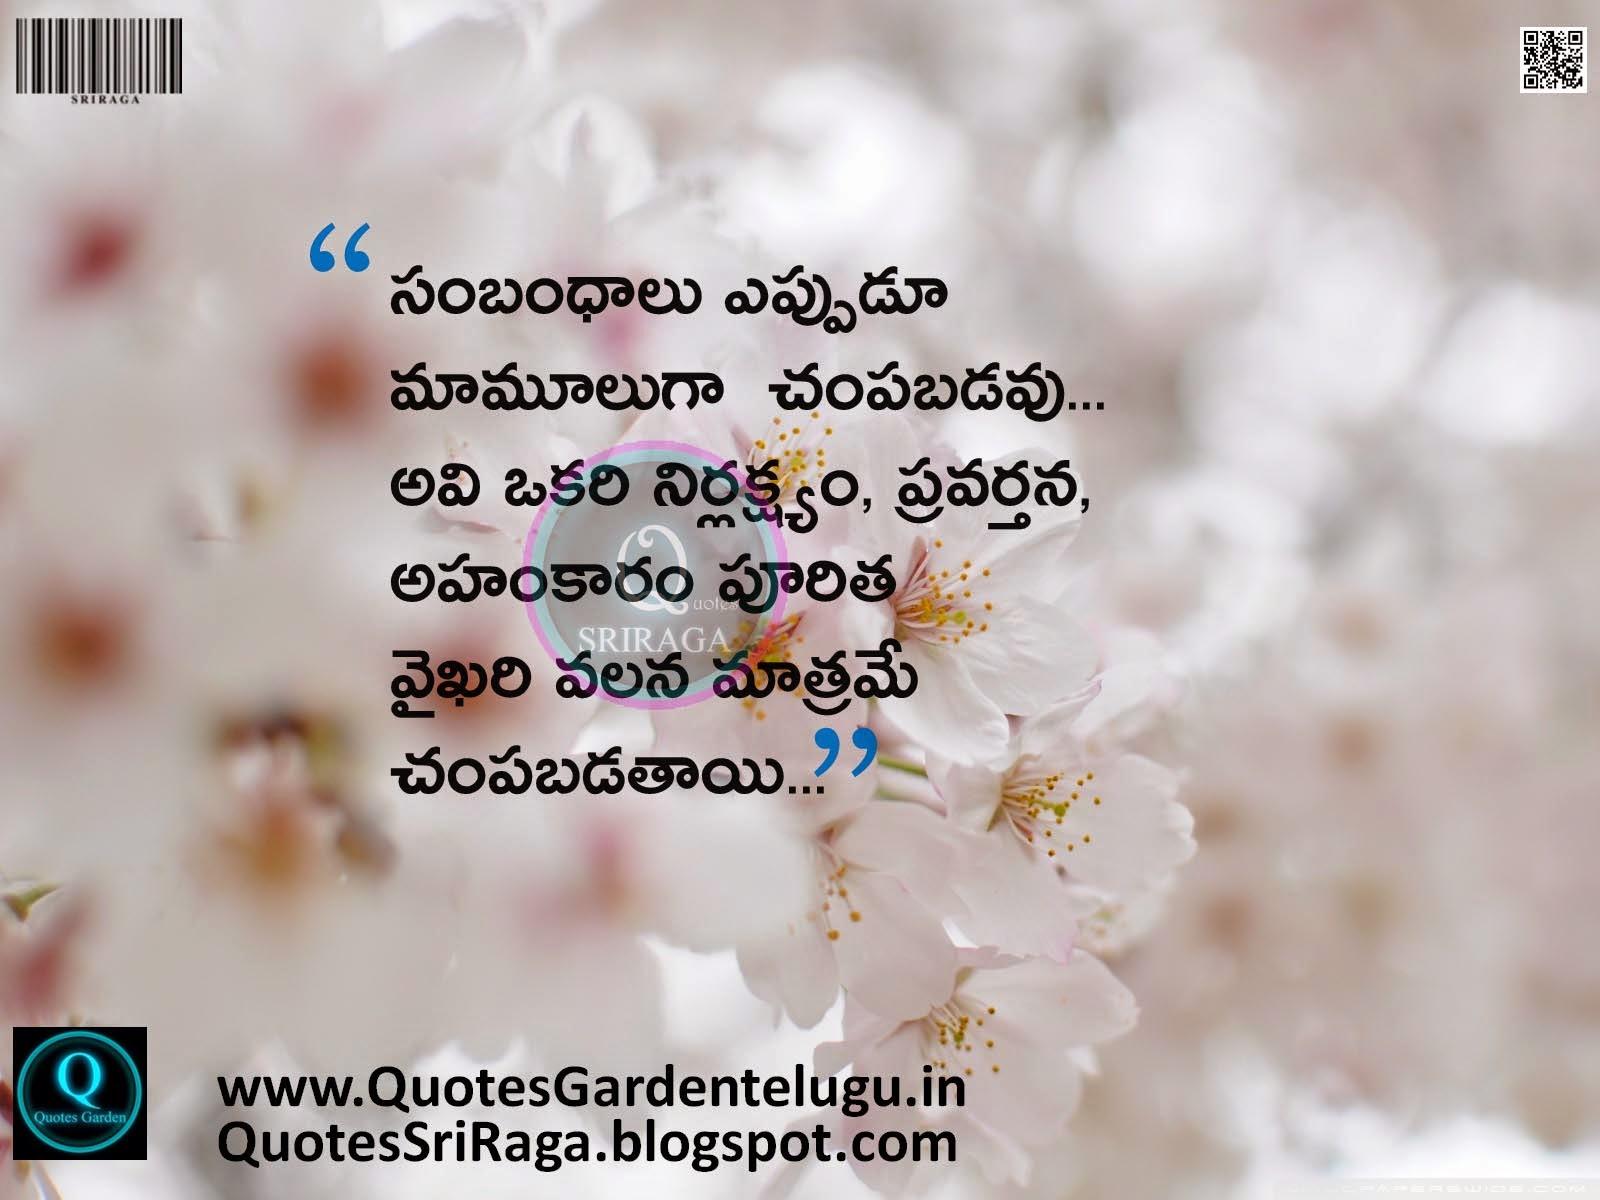 Best Telugu Relationship Quotes 437 images